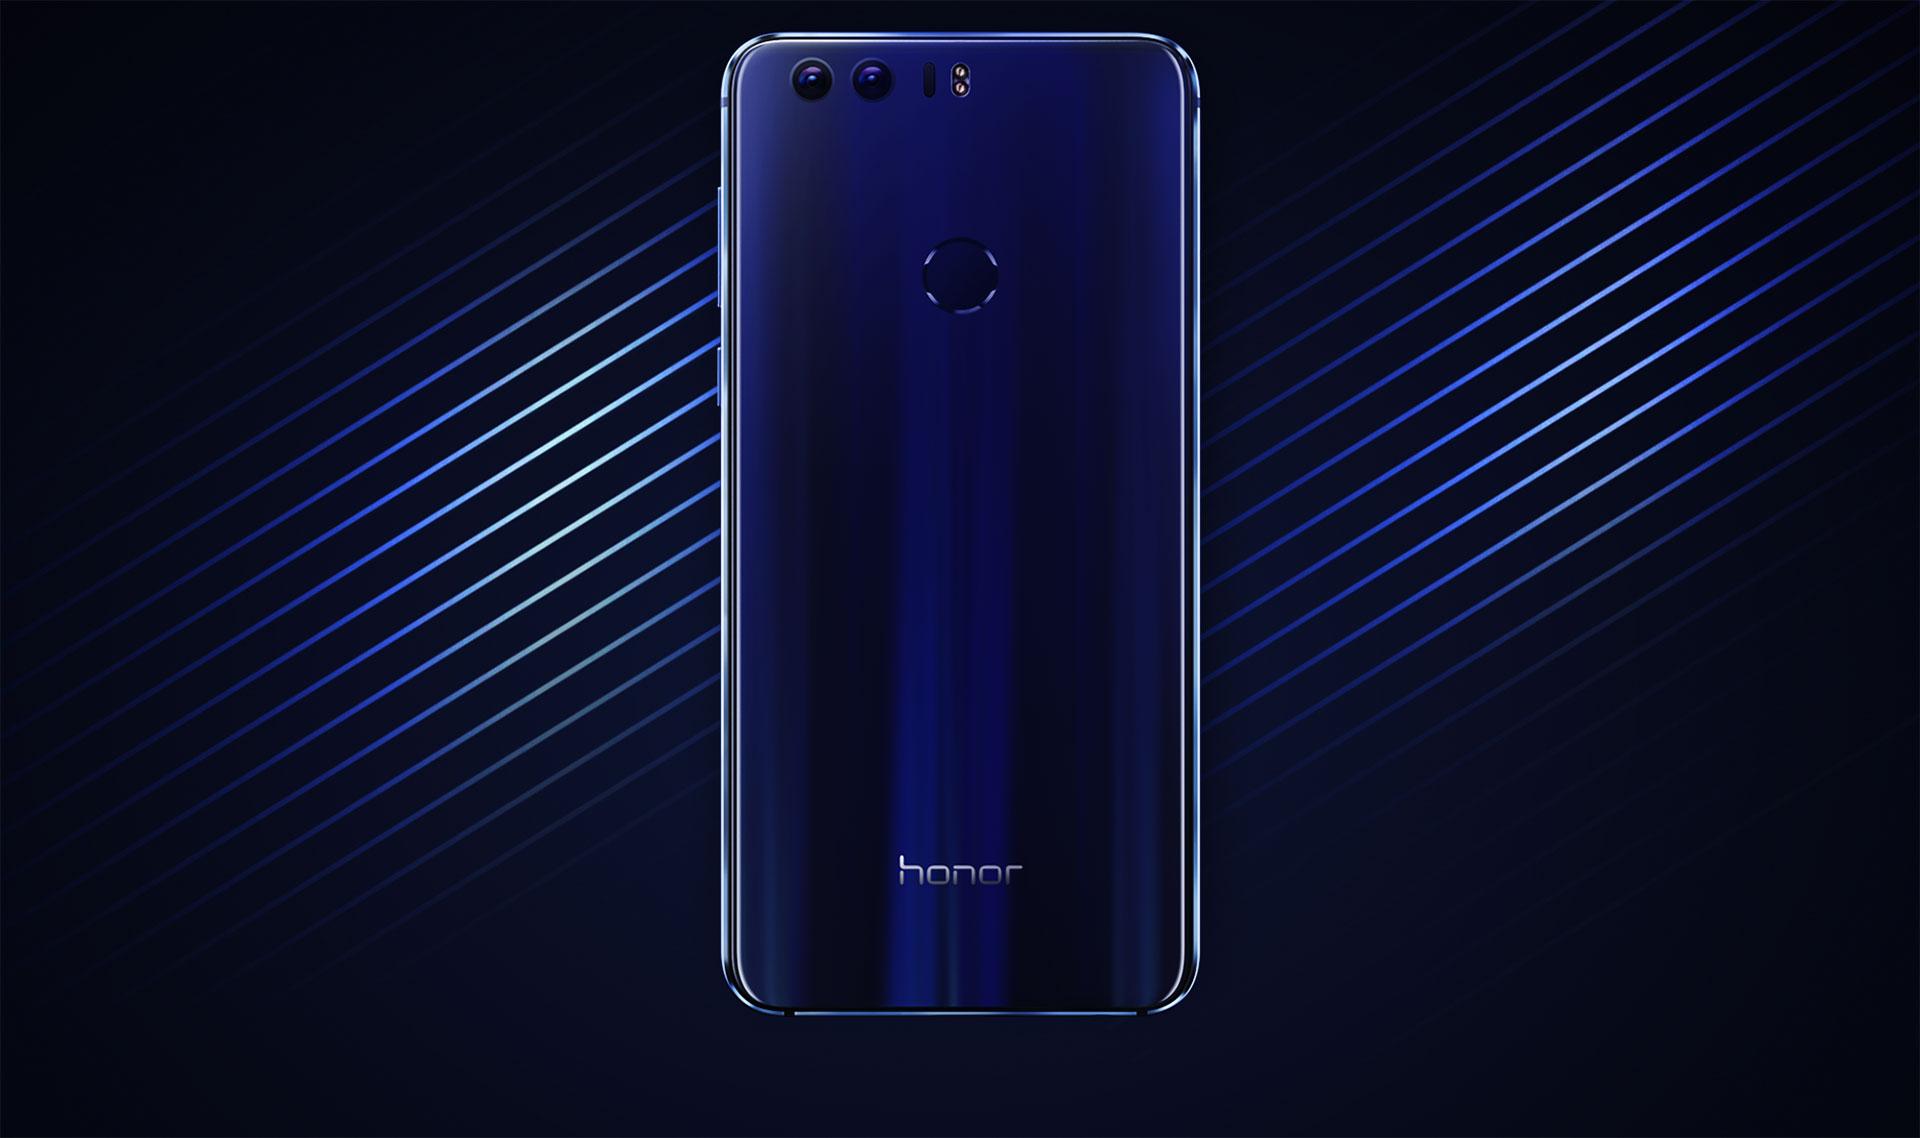 Honor 8 jde do prodeje, známe dostupnost a cenu [aktualizováno]